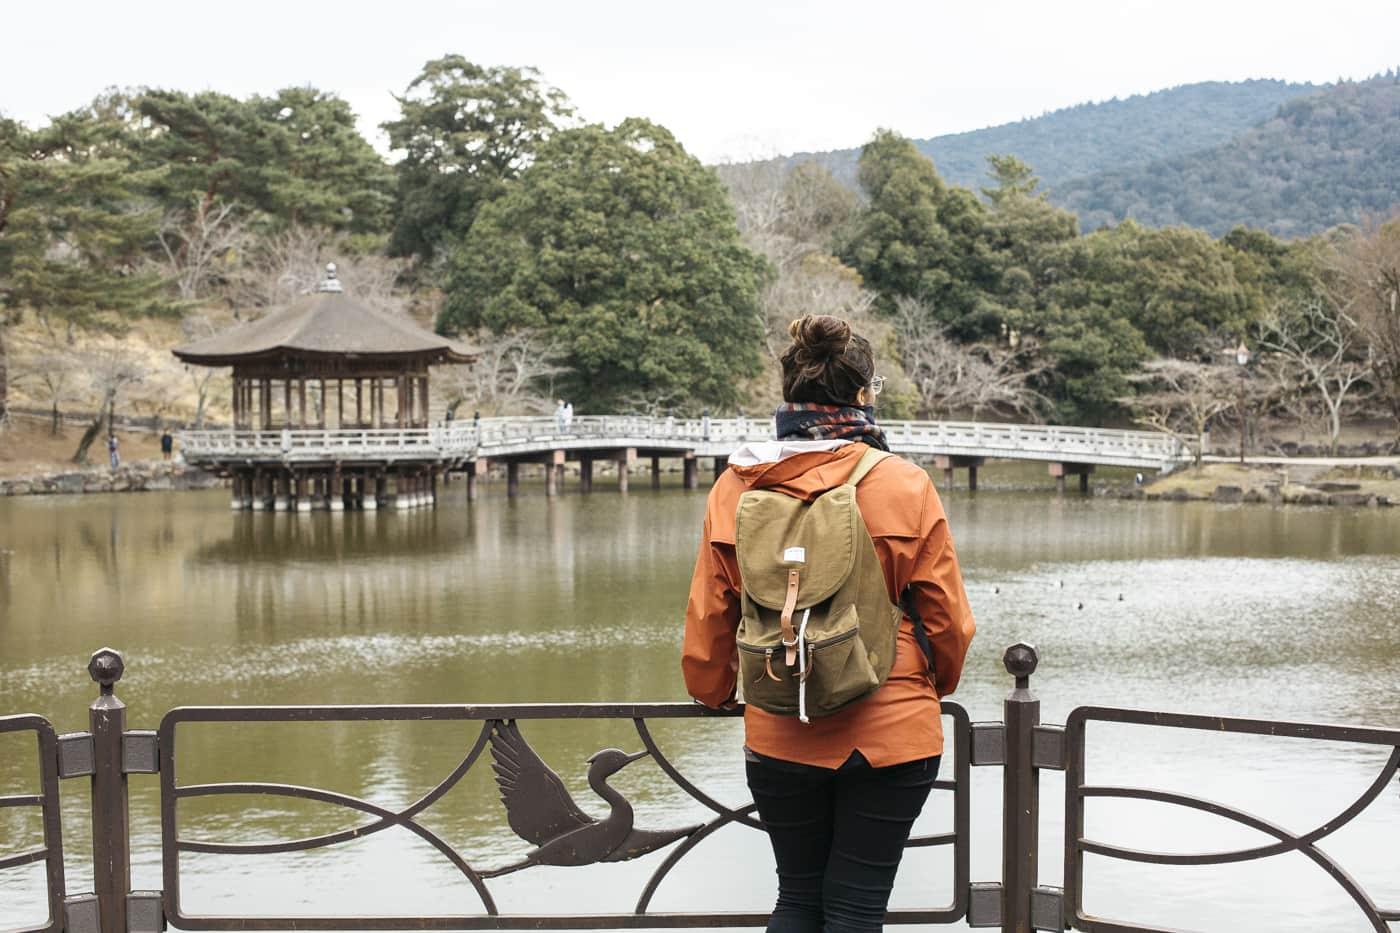 Kinlake-Japan-City-Lifestyle-9492